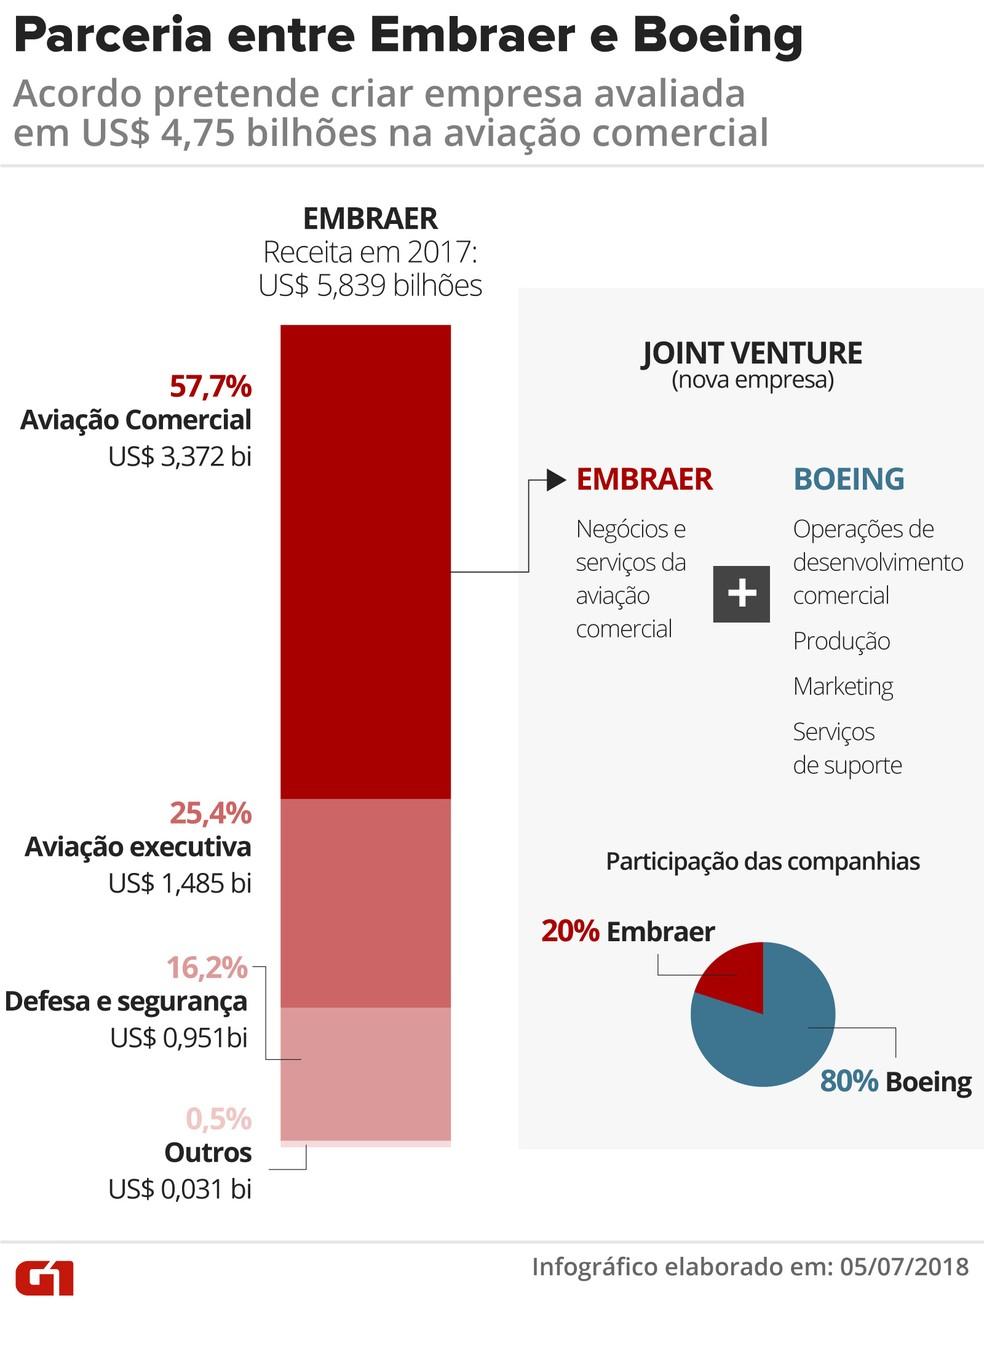 Parceria entre Embraer e Boeing cria empresa de aviação comercial de US$ 4,75 bilhões (Foto:  Juliane Almeida/G1)